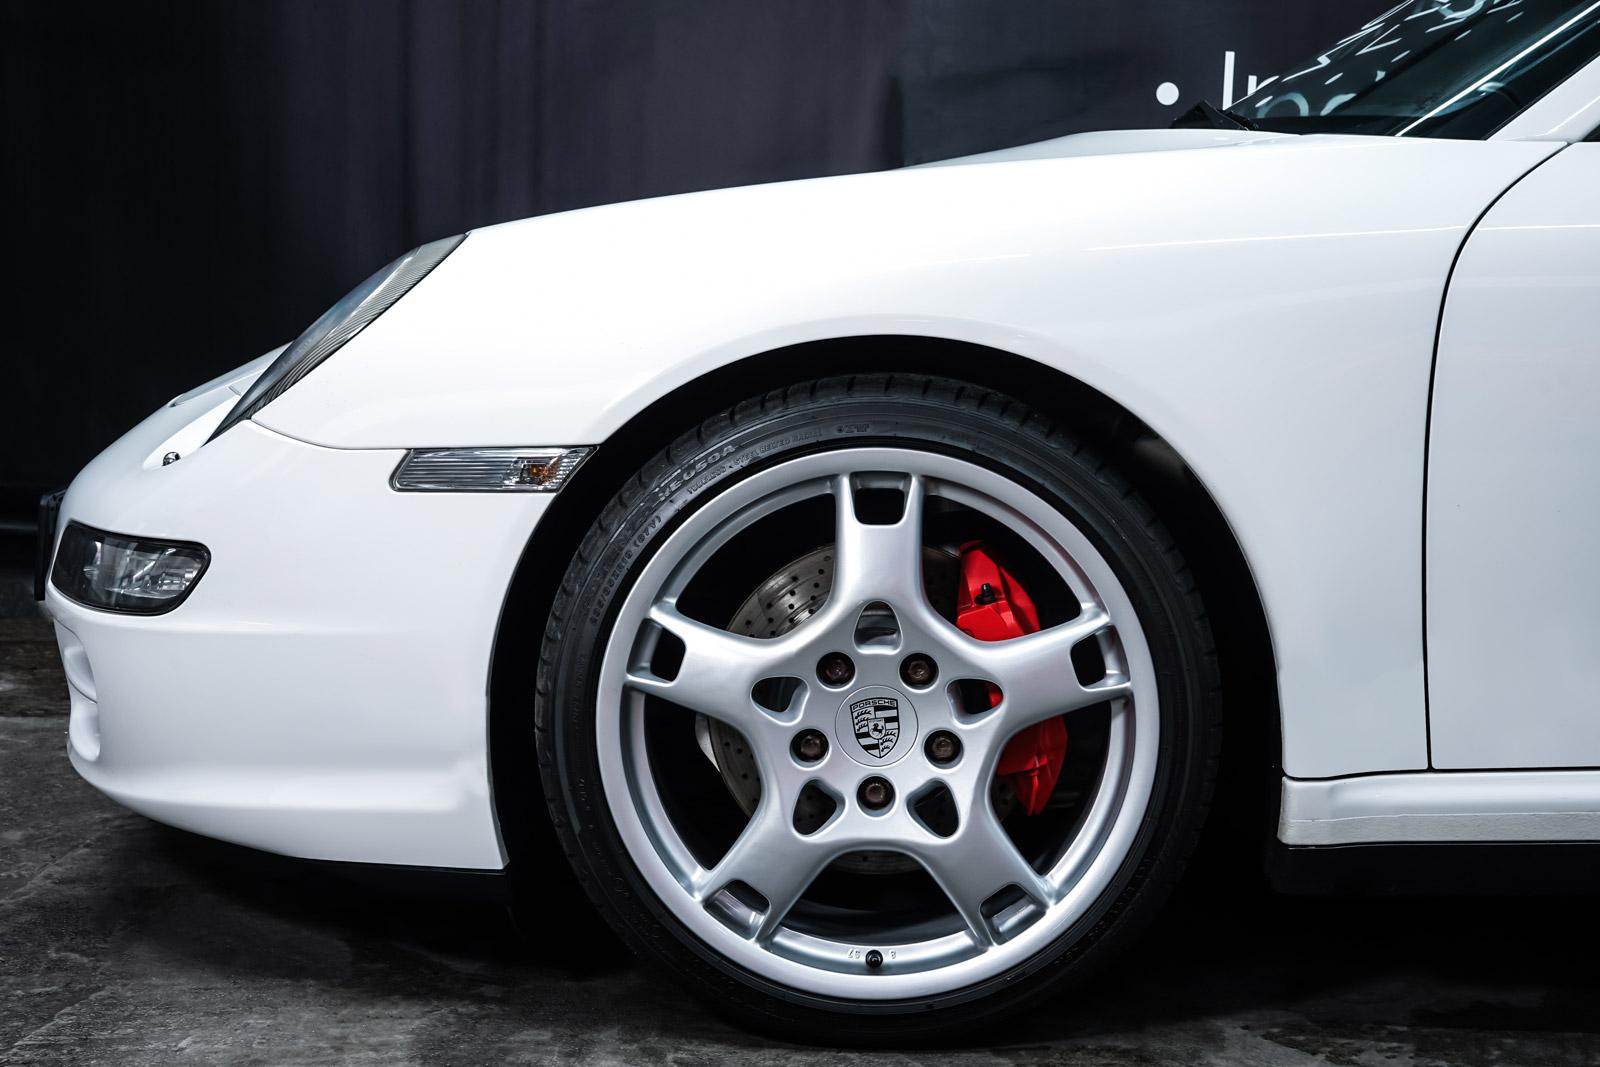 Porsche_997_C4S_Cabrio_Weiß_Braun_POR-4557_3_w